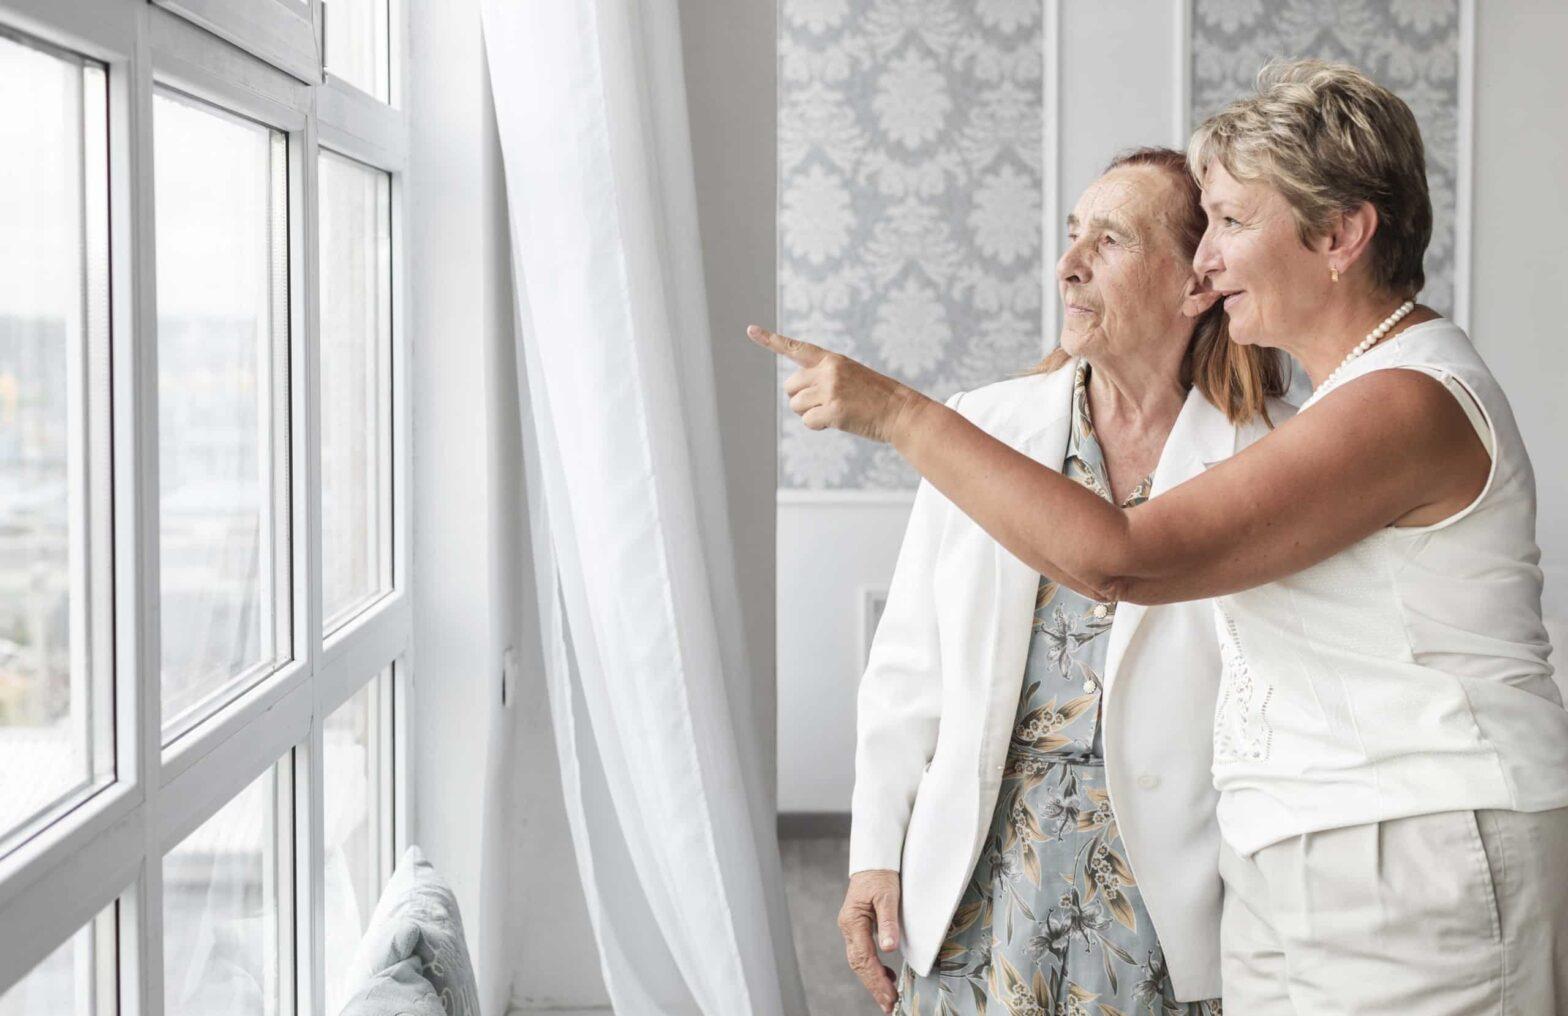 vinilos decorativos para ventanas